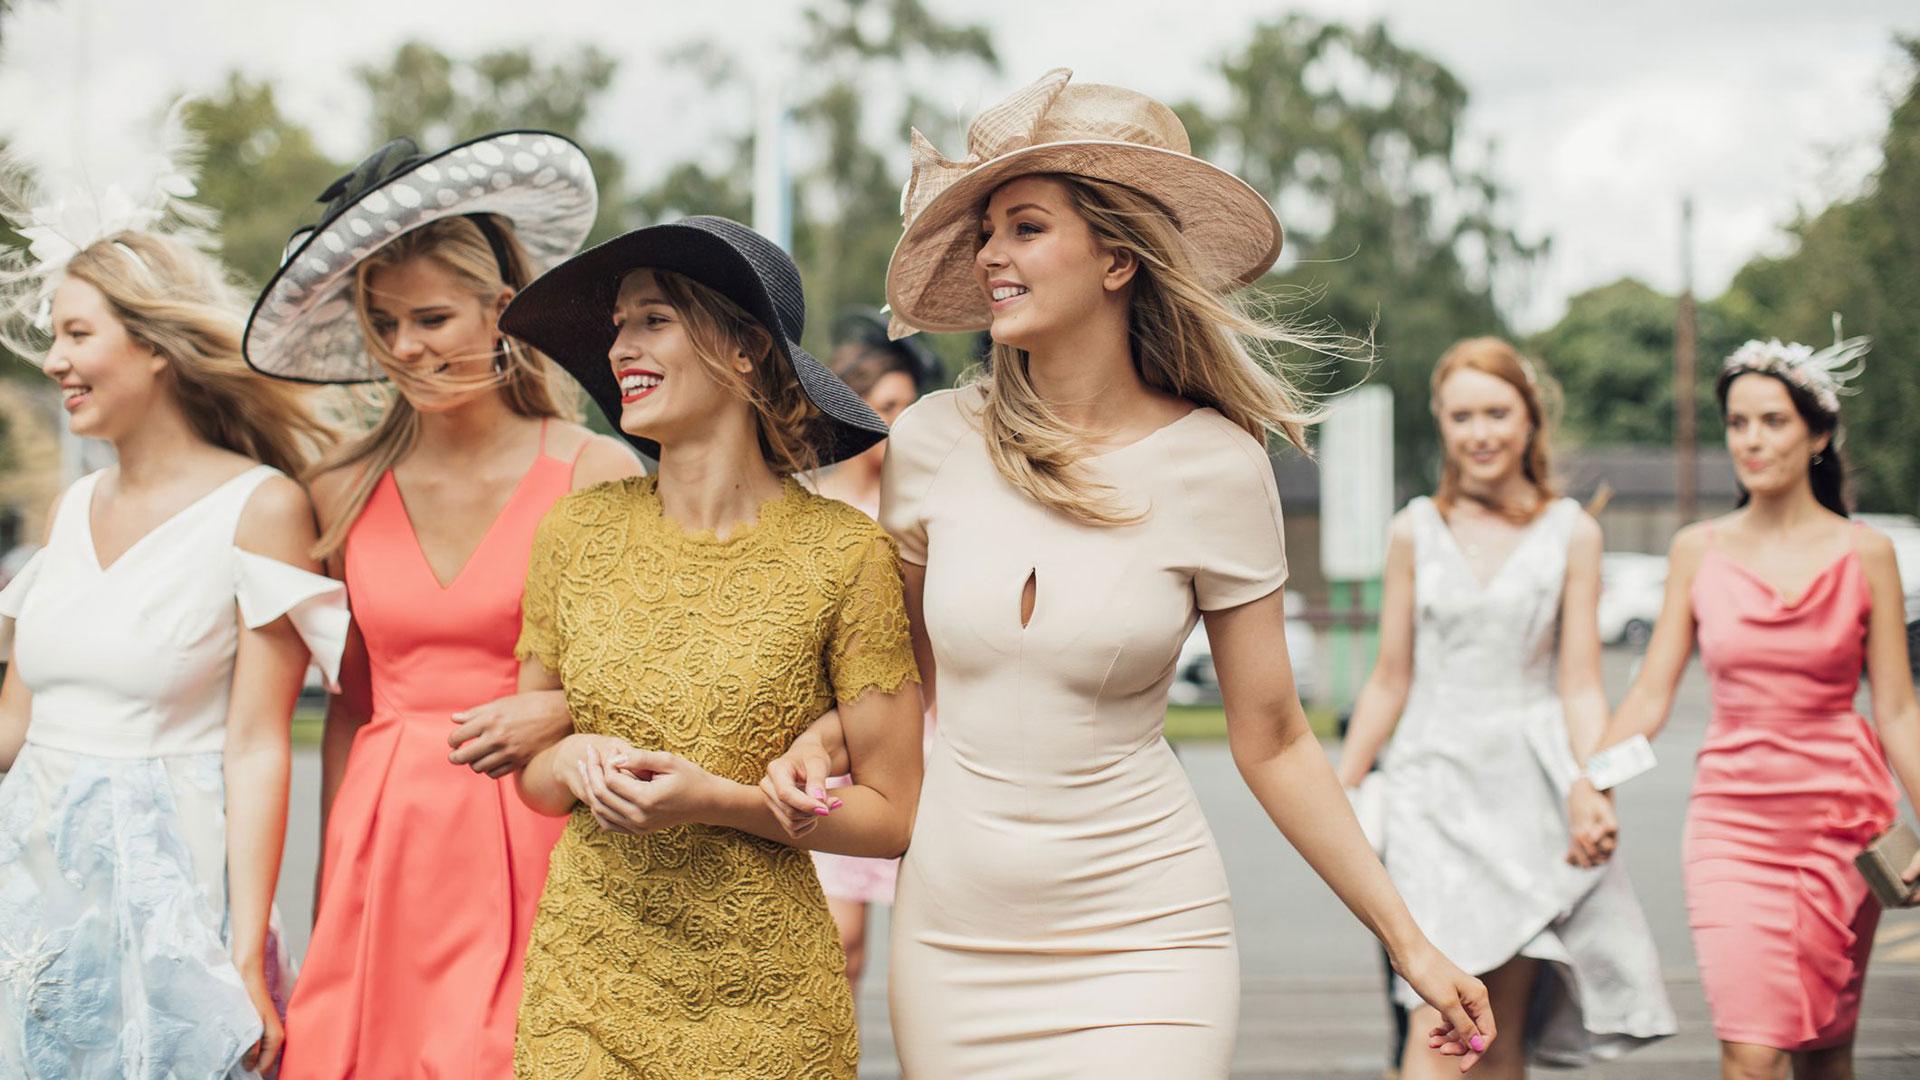 Outfit per un matrimonio estivo: ecco cosa indossare e cosa evitare